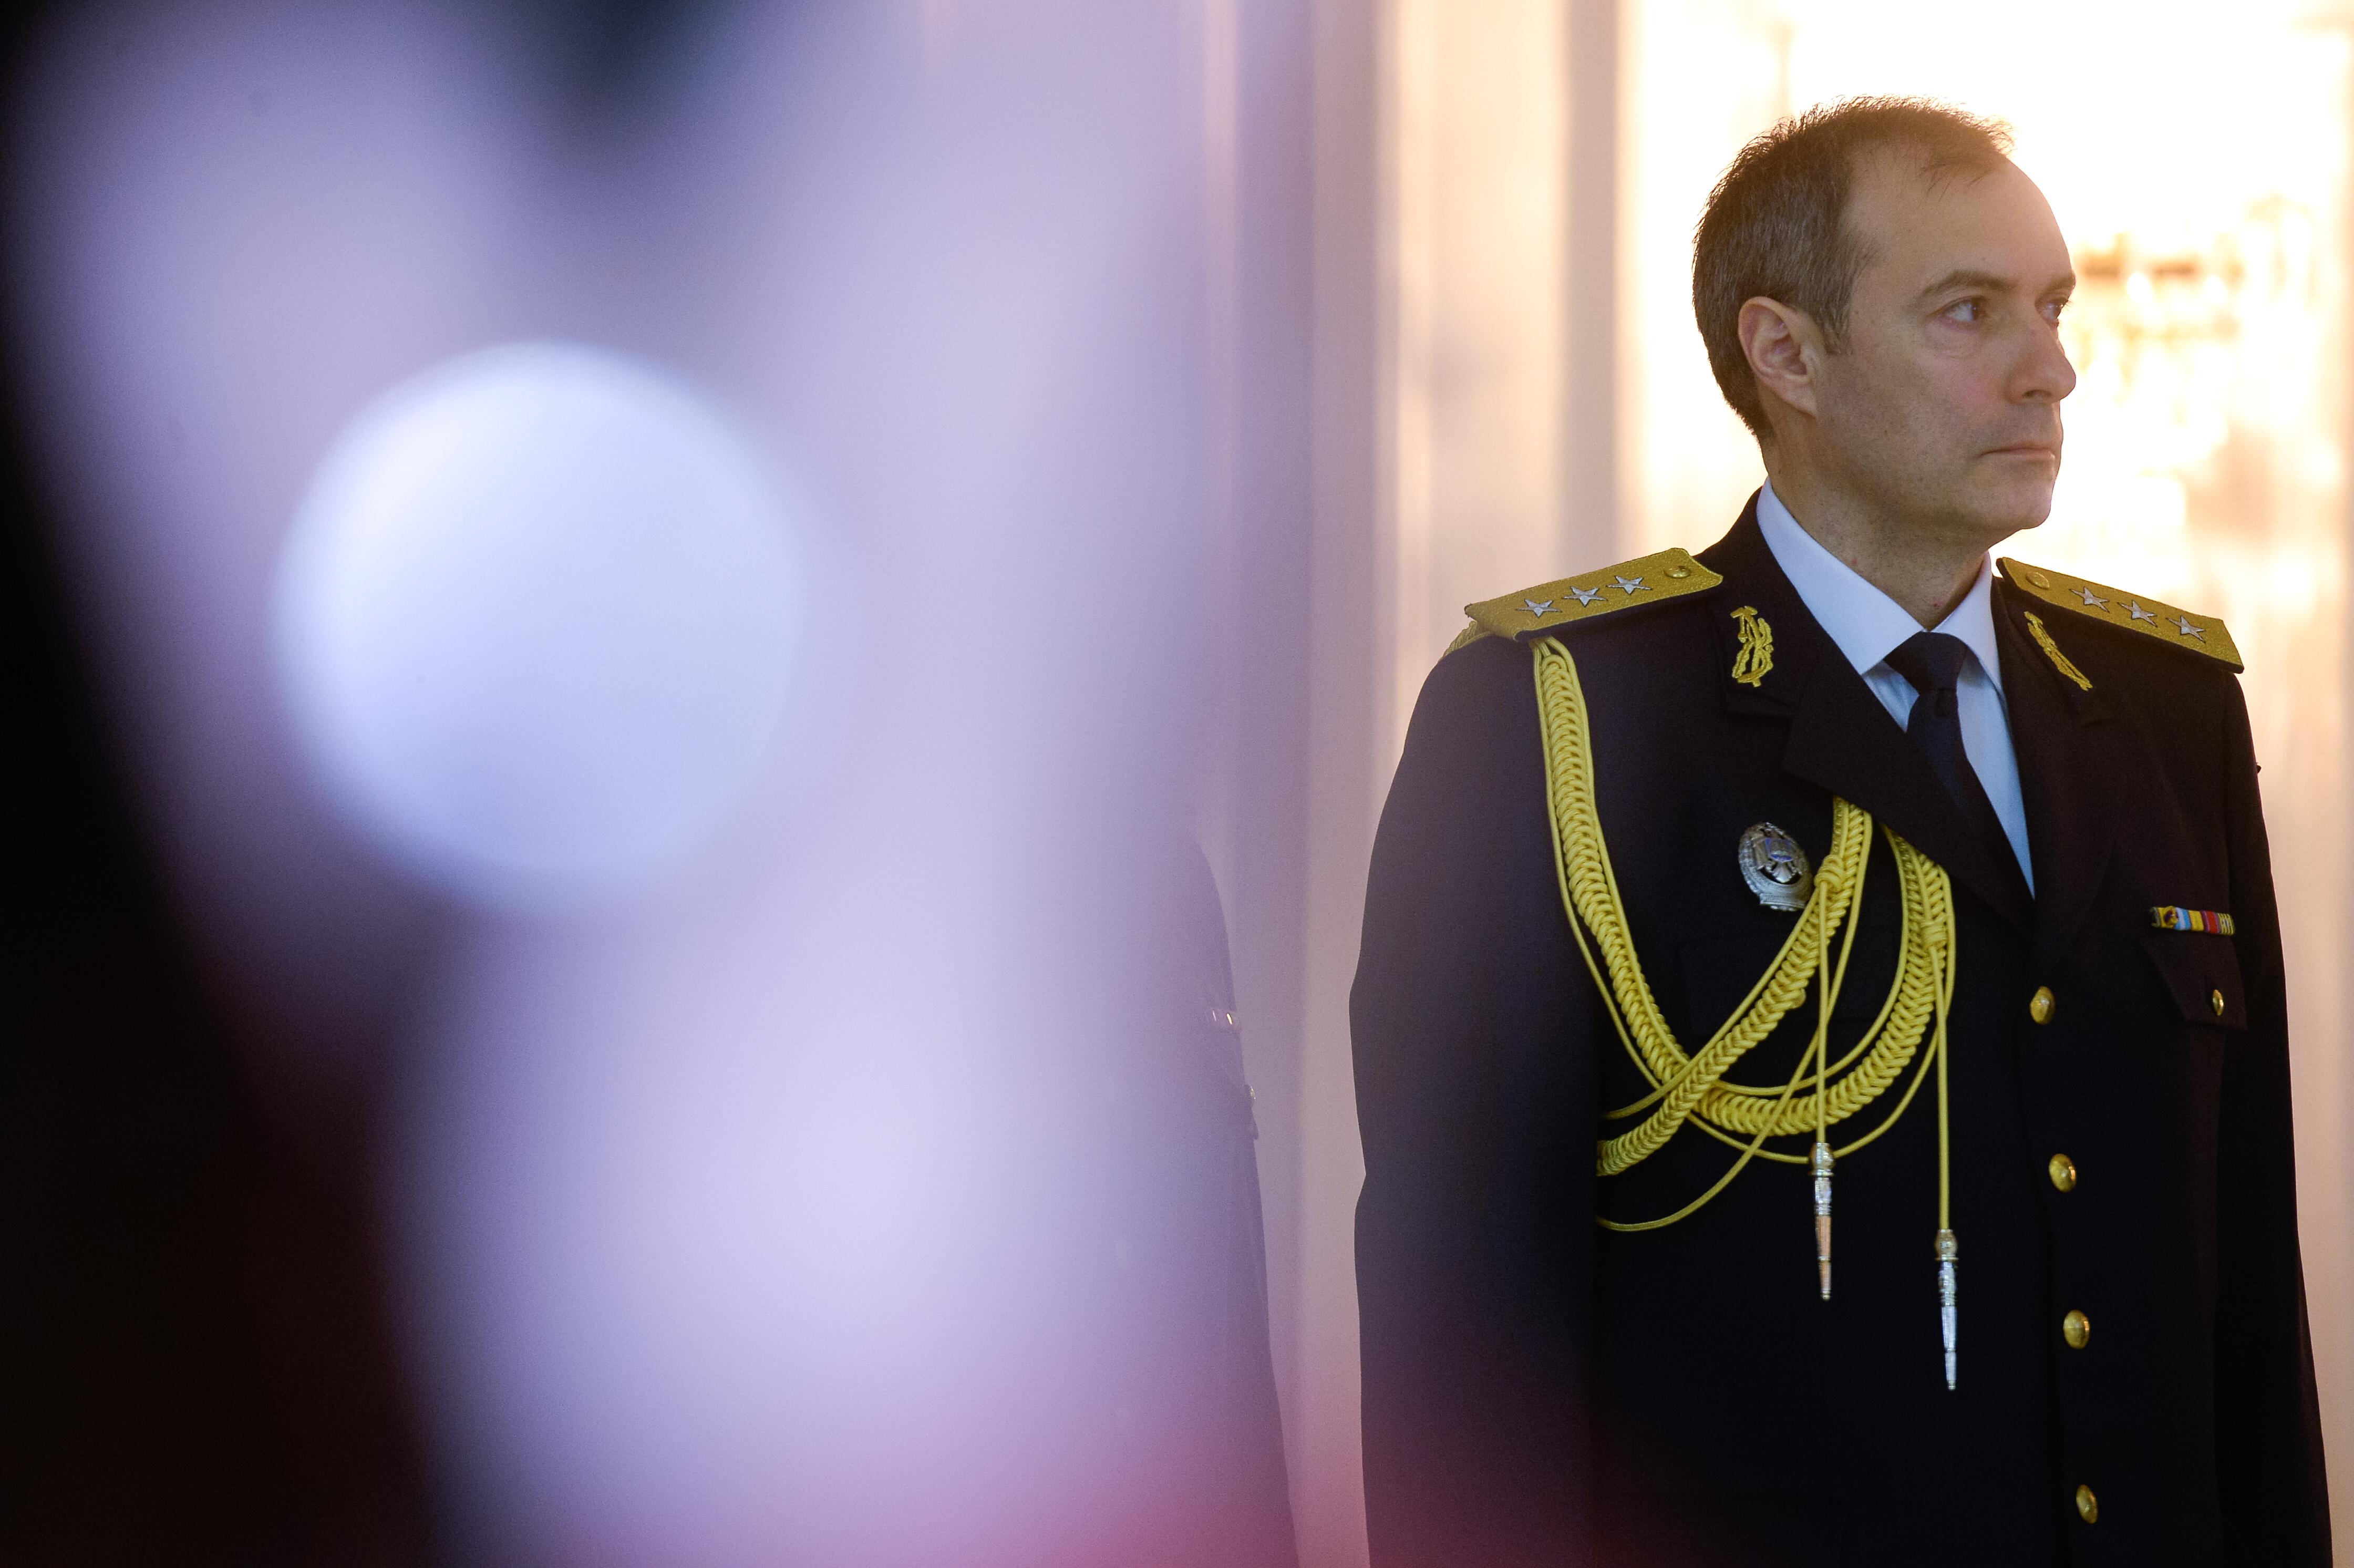 Comisia de anchetă a alegerilor din 2009. Florian Coldea, fost prim-adjunct al SRI, şi Codruţa Kovesi, procurorul şef al DNA, aşteptaţi la audieri în Parlament